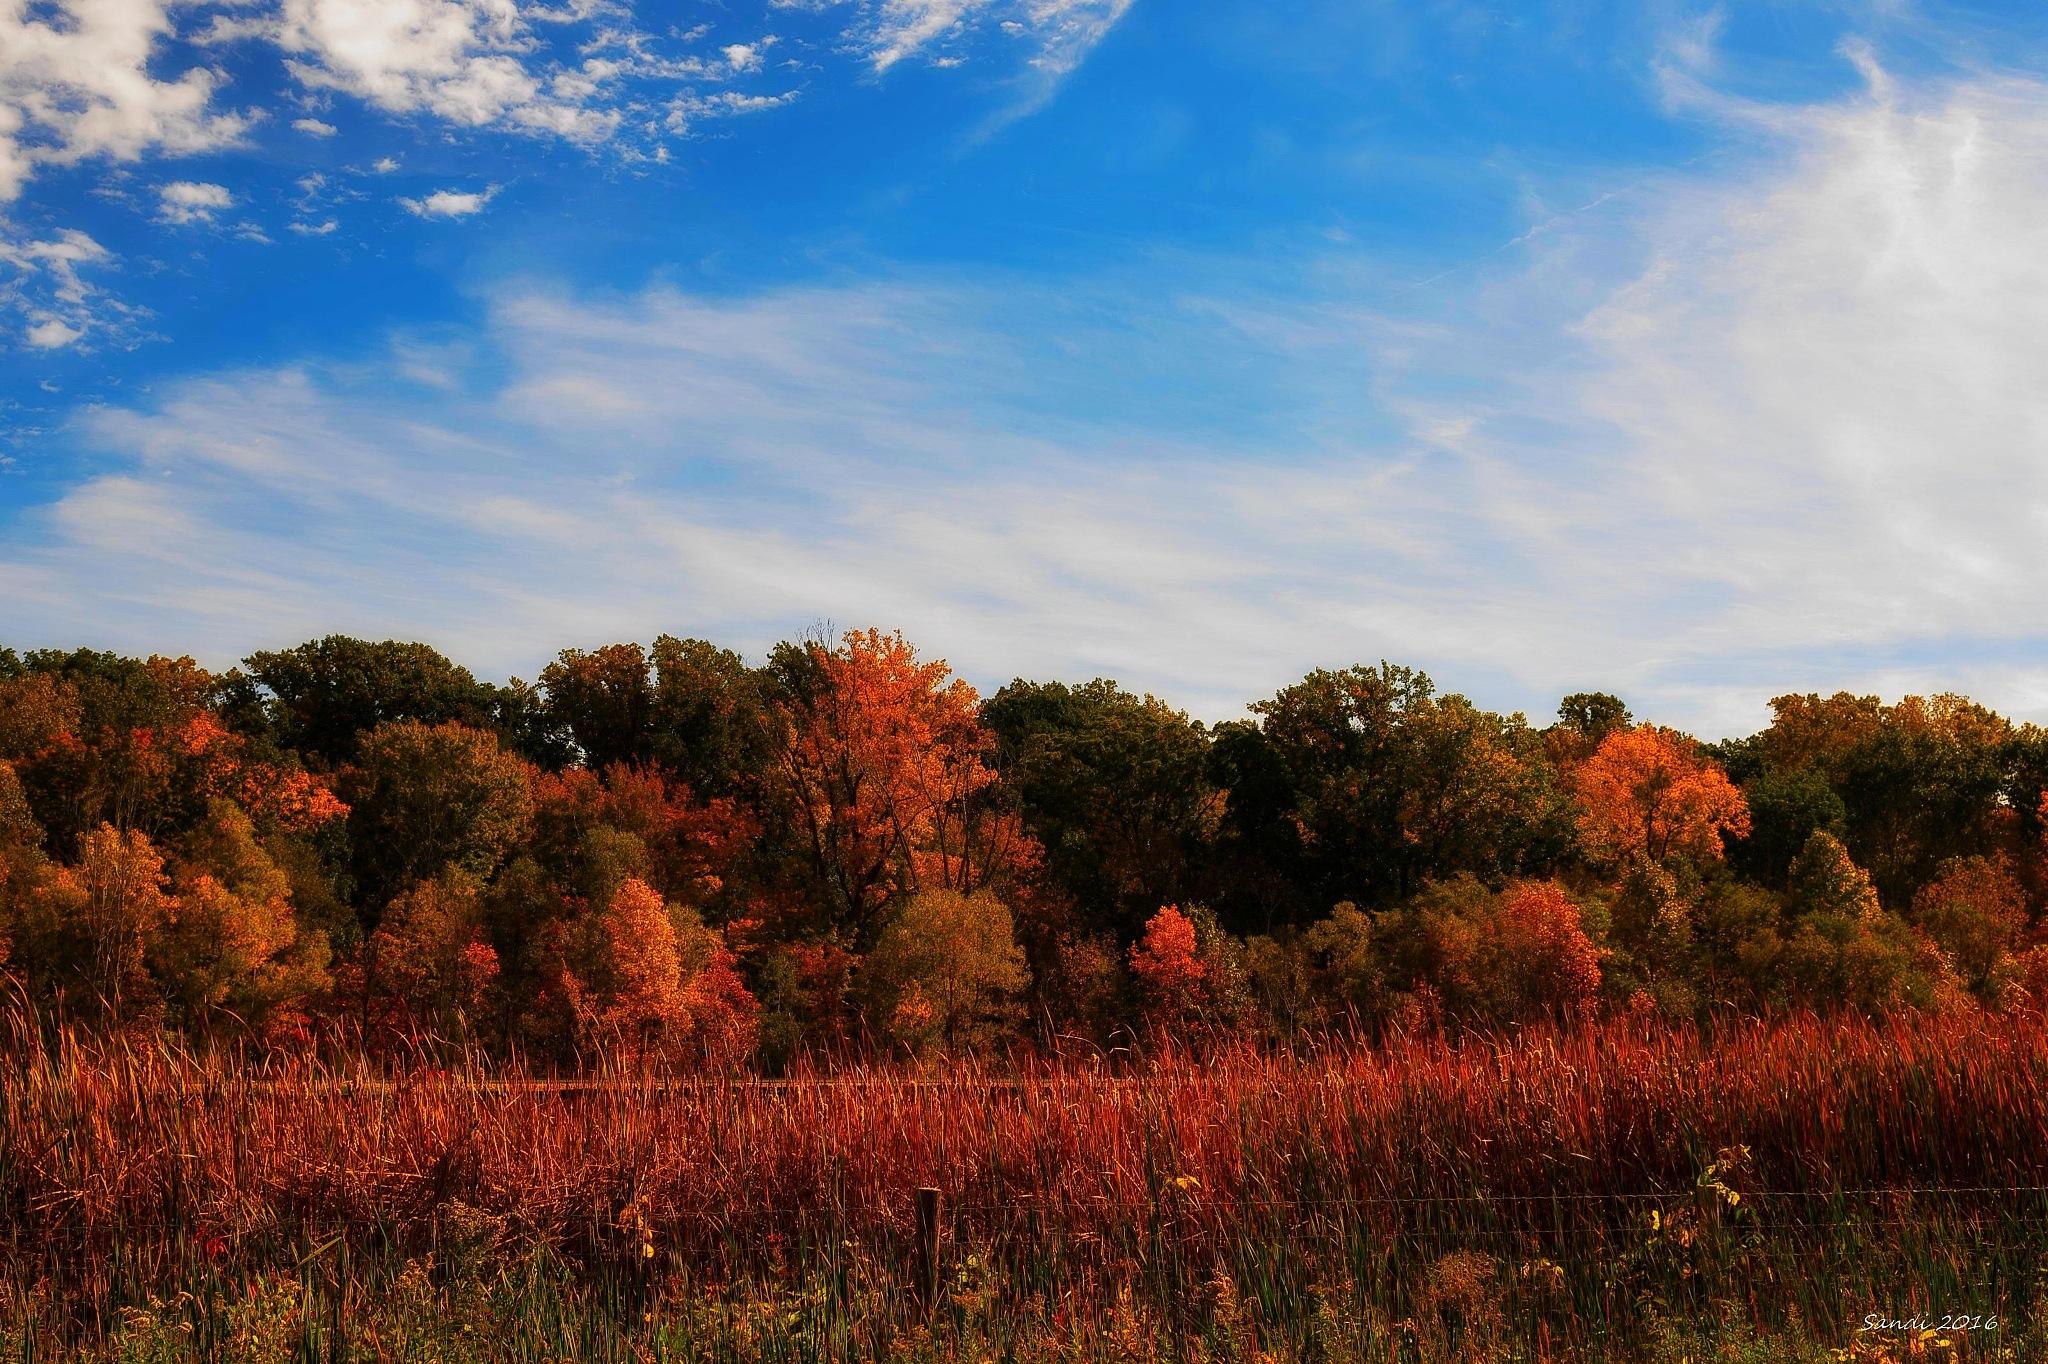 Autumn Color In Michigan by tiggs